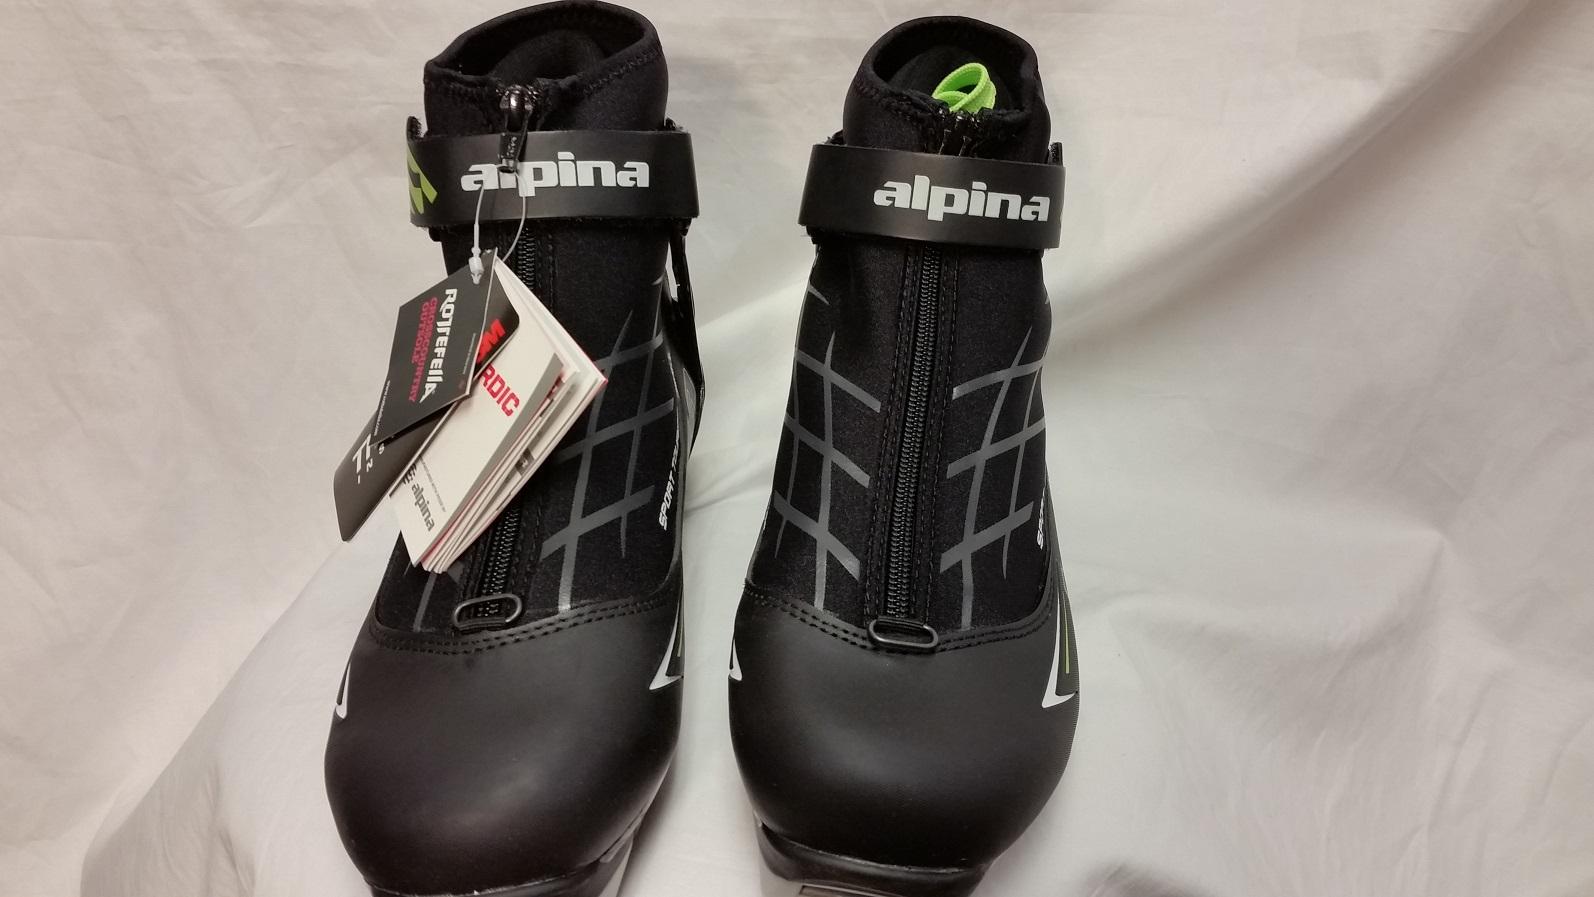 Alpina T Plus Nordic Ski Boots NNN CLOSEOUT Moab Gear Trader - Alpina xc ski boots